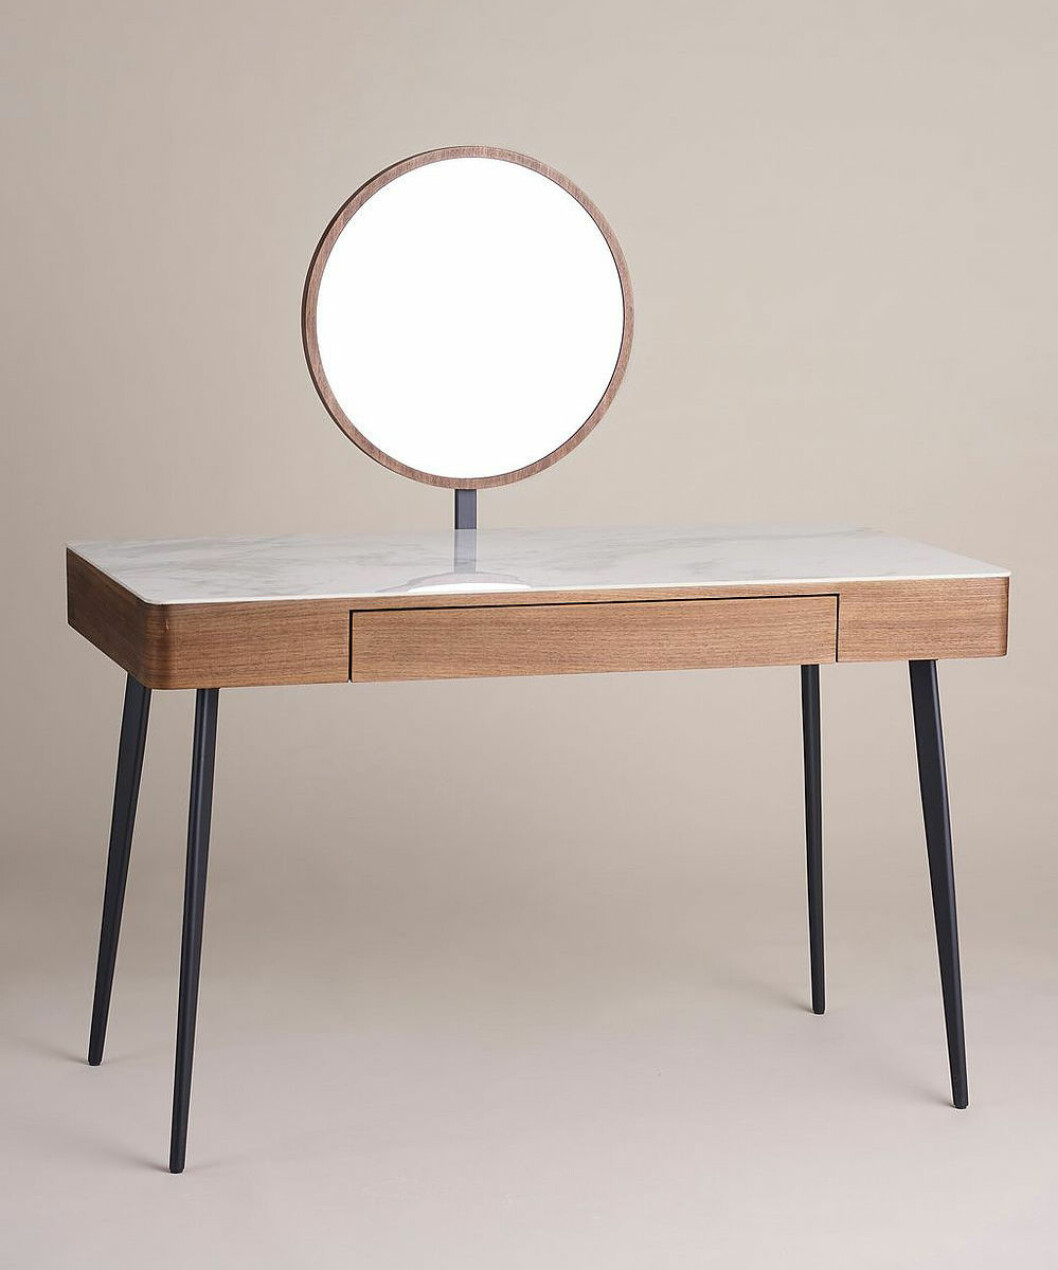 Sminkbord med spegel från Ellos Home